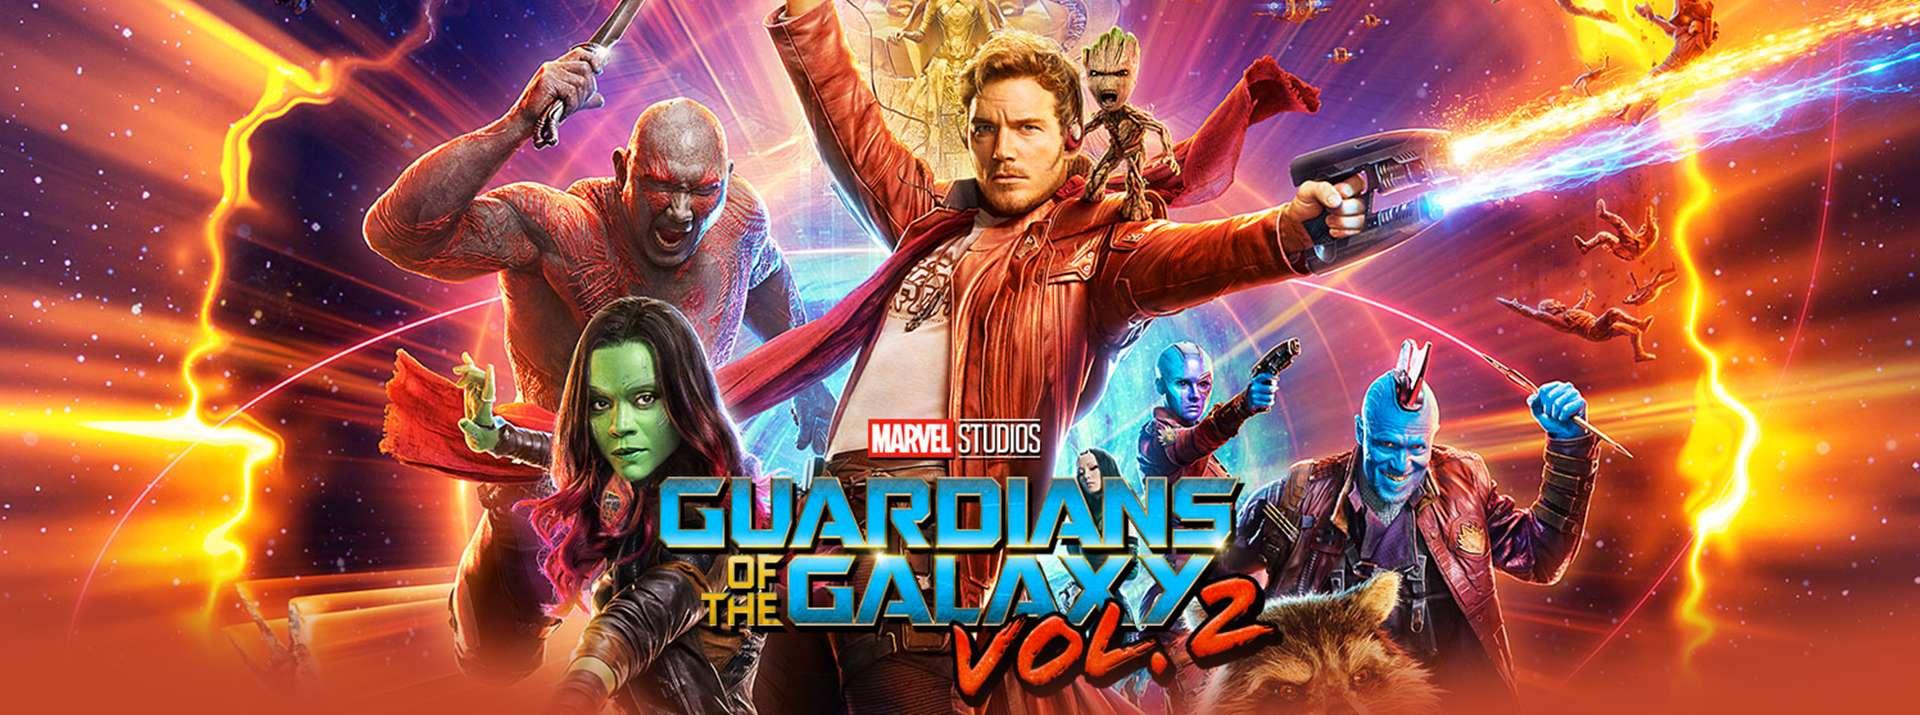 Guardians Galaxy 2 รวมพันธุ์นักสู้พิทักษ์จักรวาล 2 imax